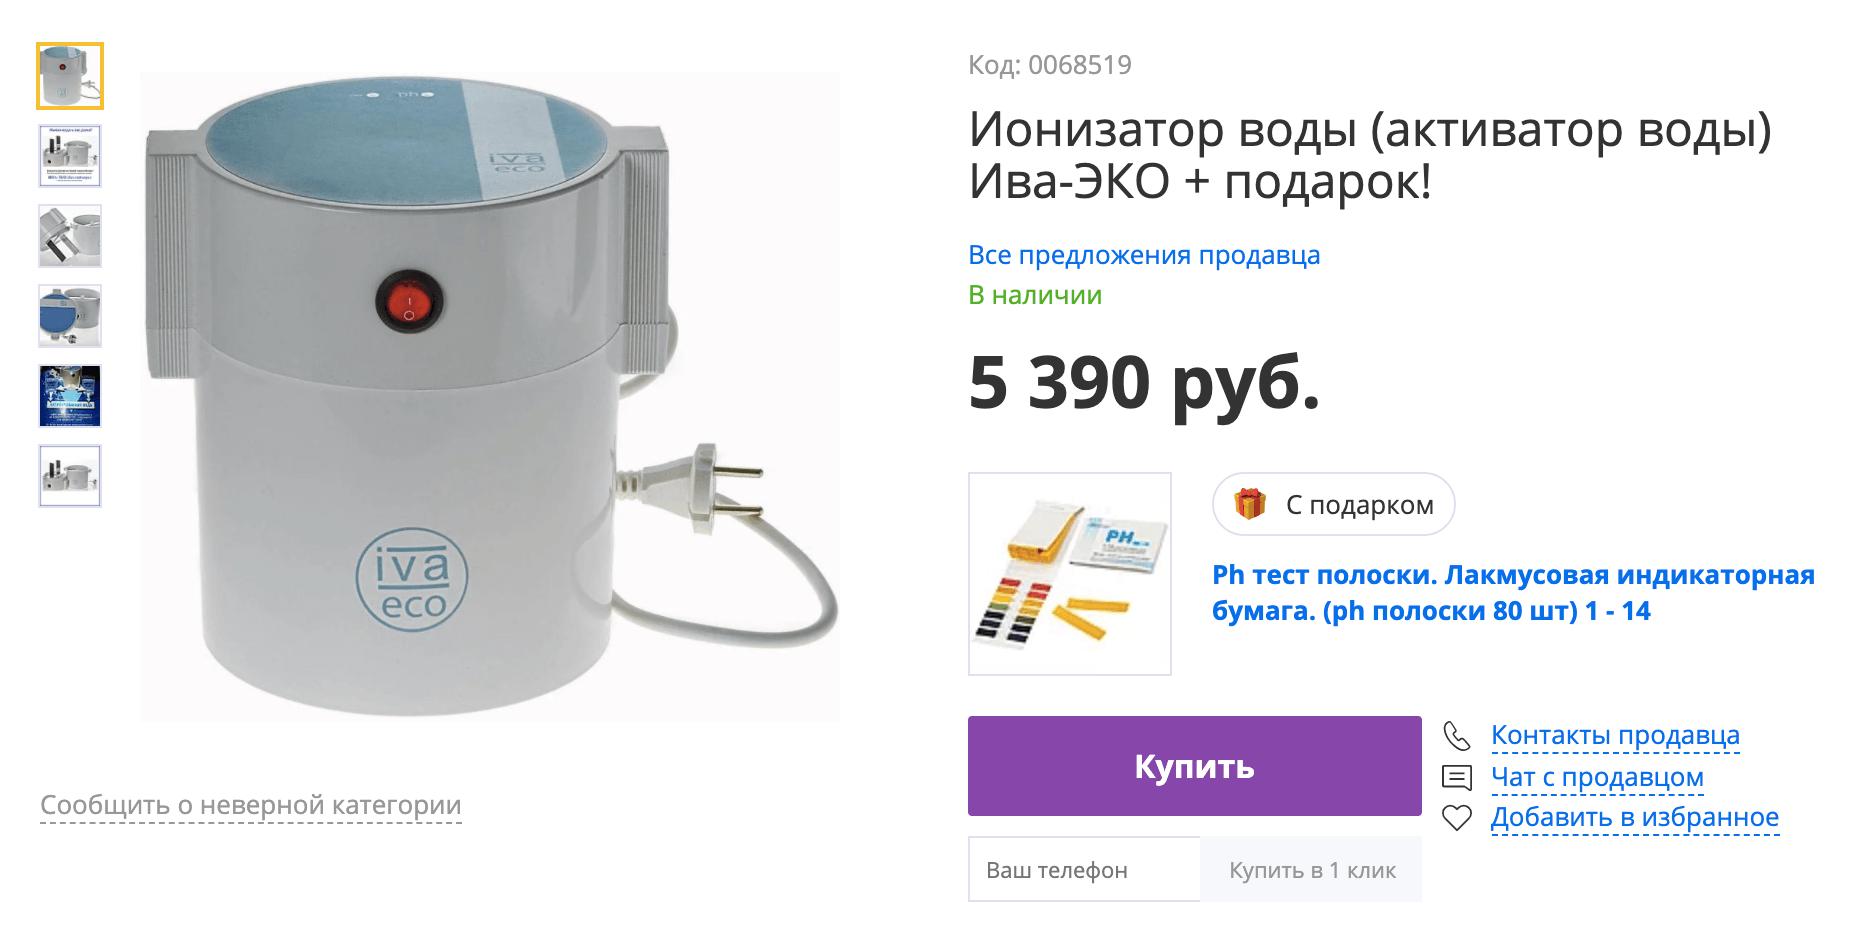 Электролизный ионизатор Iva Eco, похожий на скороварку